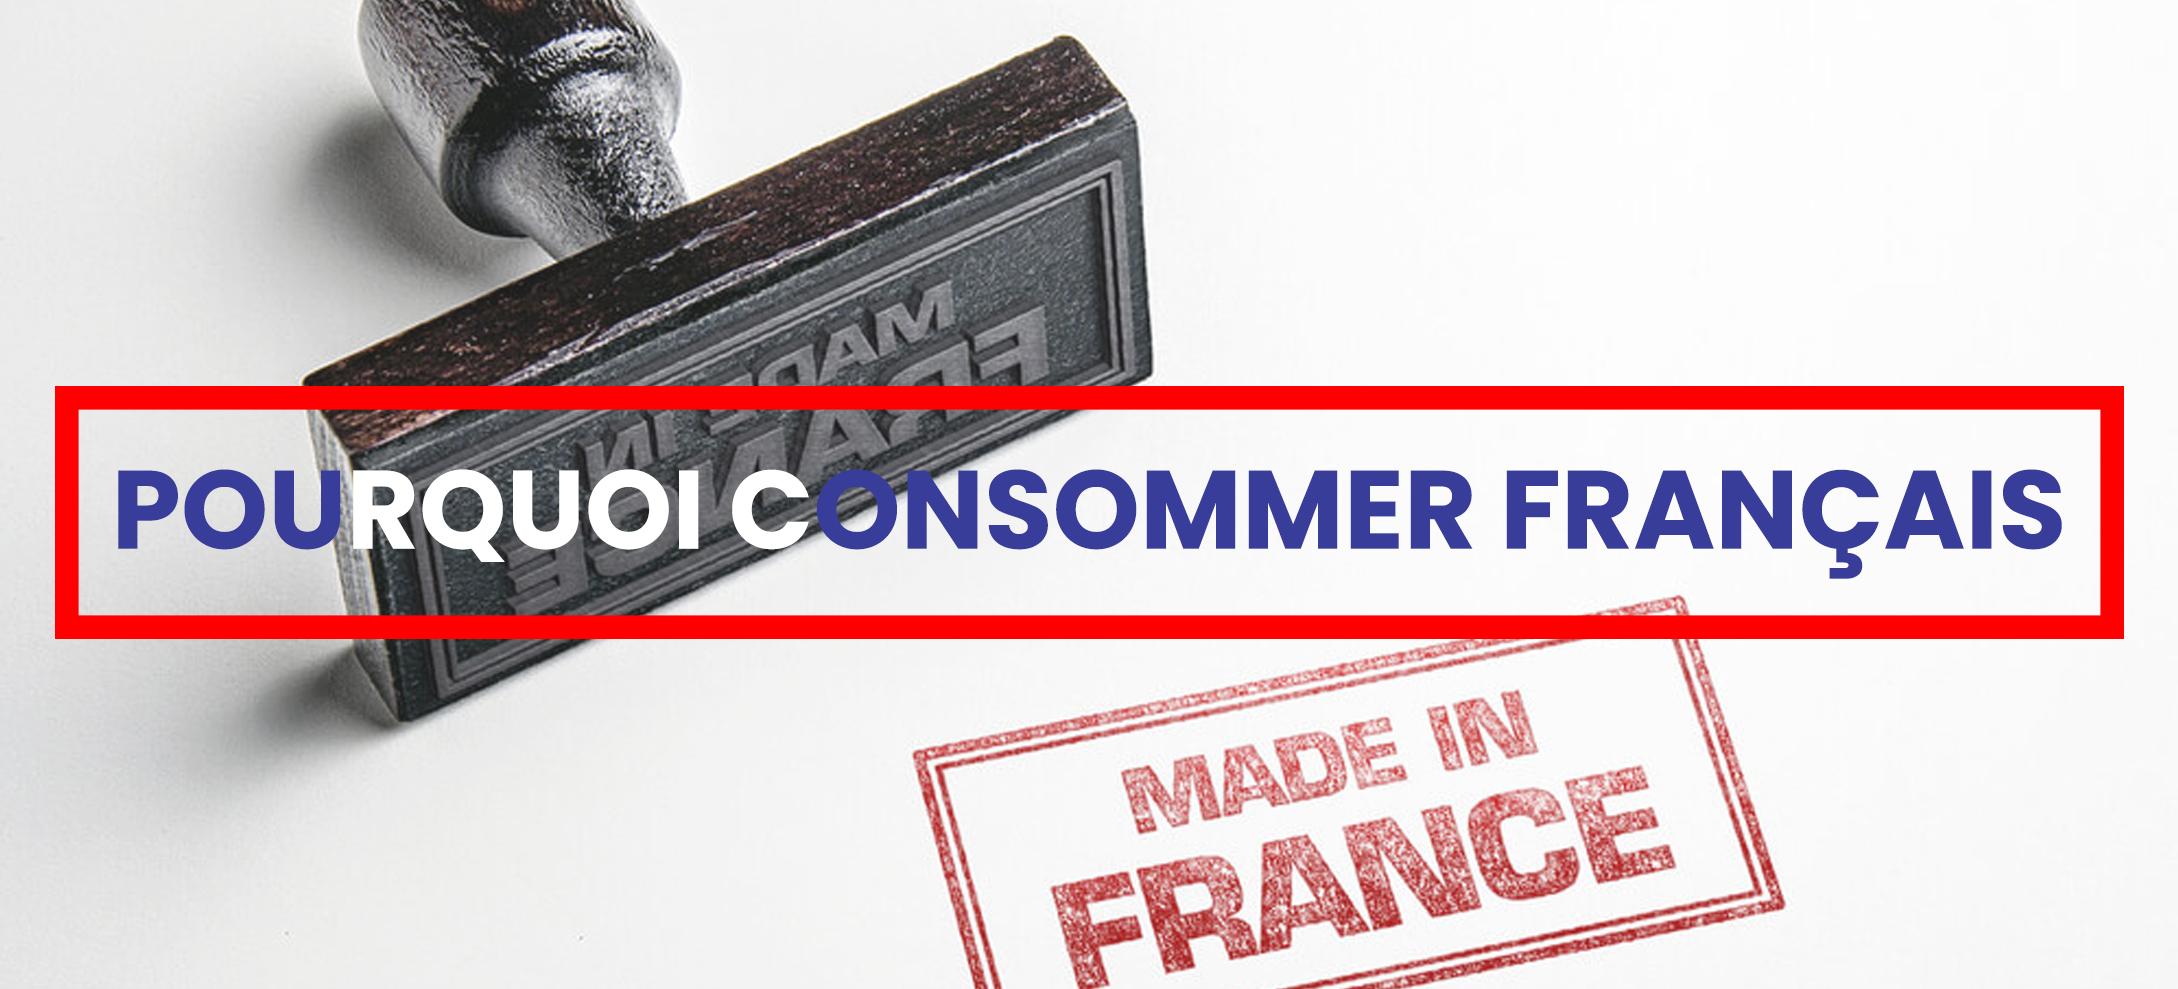 visu conso français